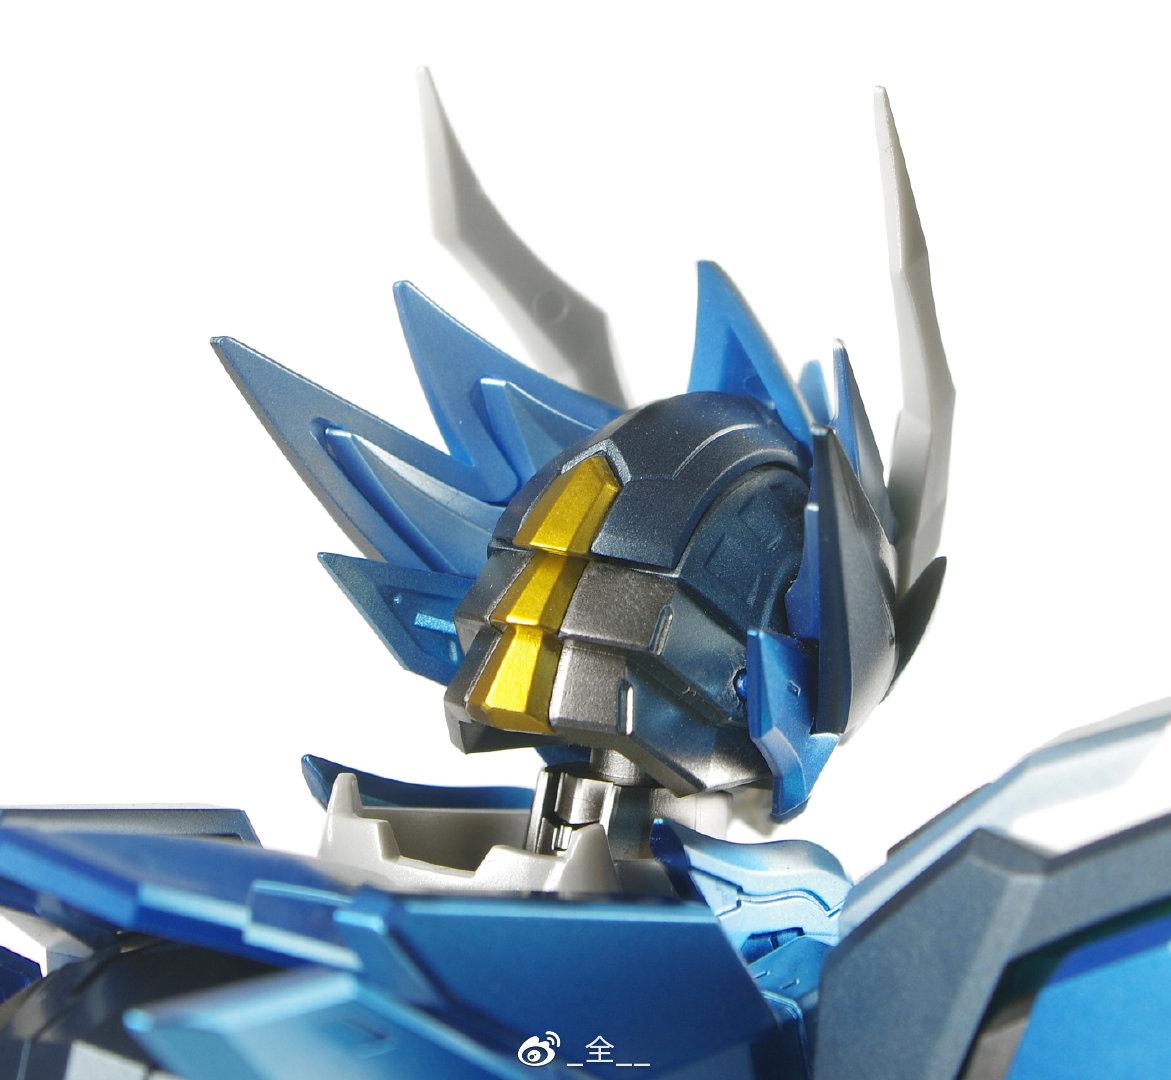 S470_MOTOR_NUCLEAR_MN_Q03_blue_gragon_ao_bing_di_hui_xing_han_long_zi_028.jpg